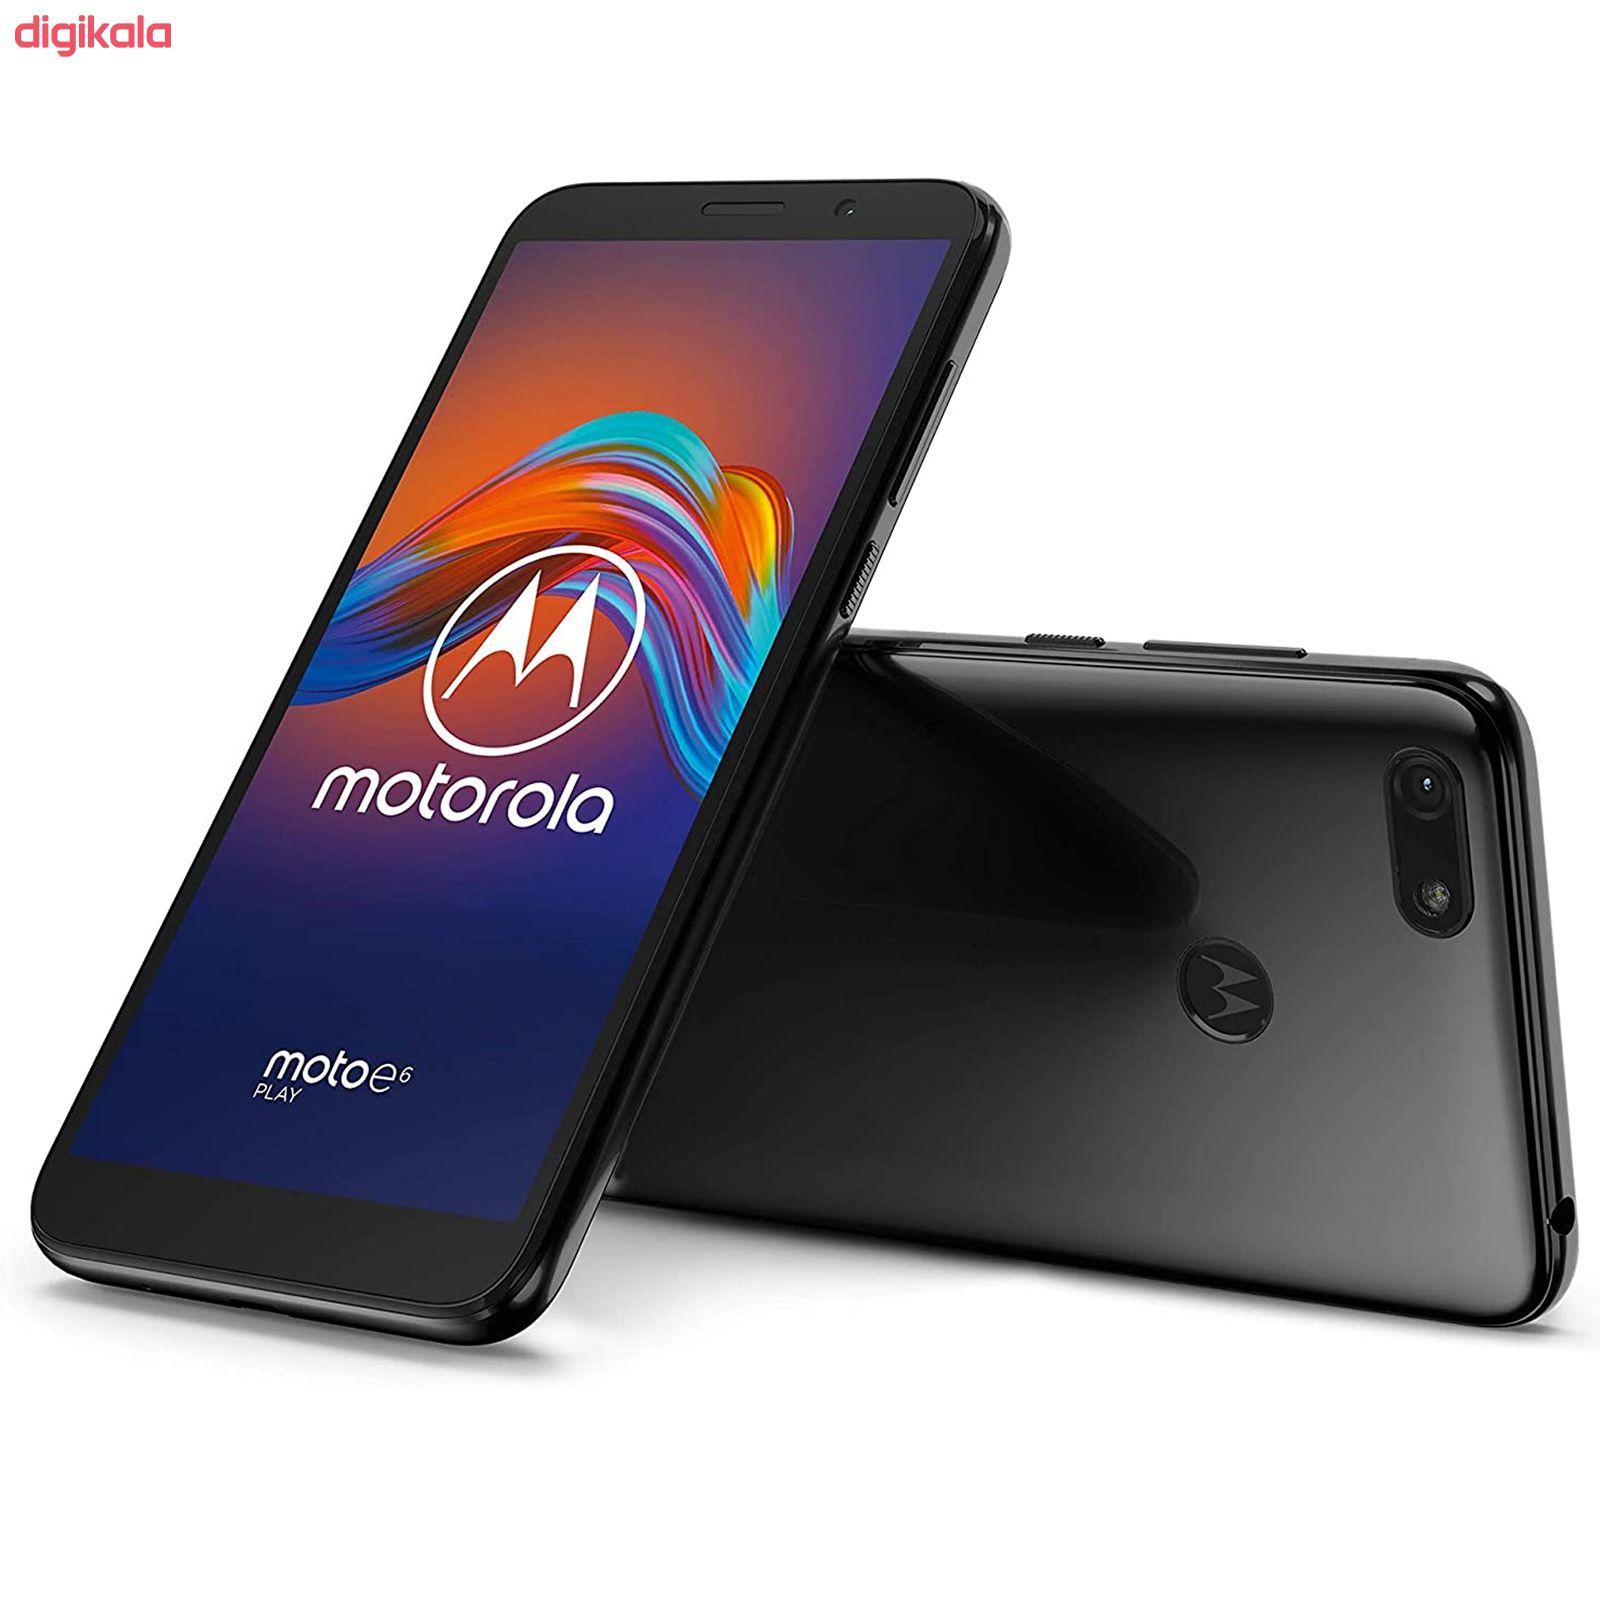 گوشی موبایل موتورولا مدل Moto E6 Play XT2029-2 دو سیم کارت ظرفیت 32 گیگابایت  main 1 6